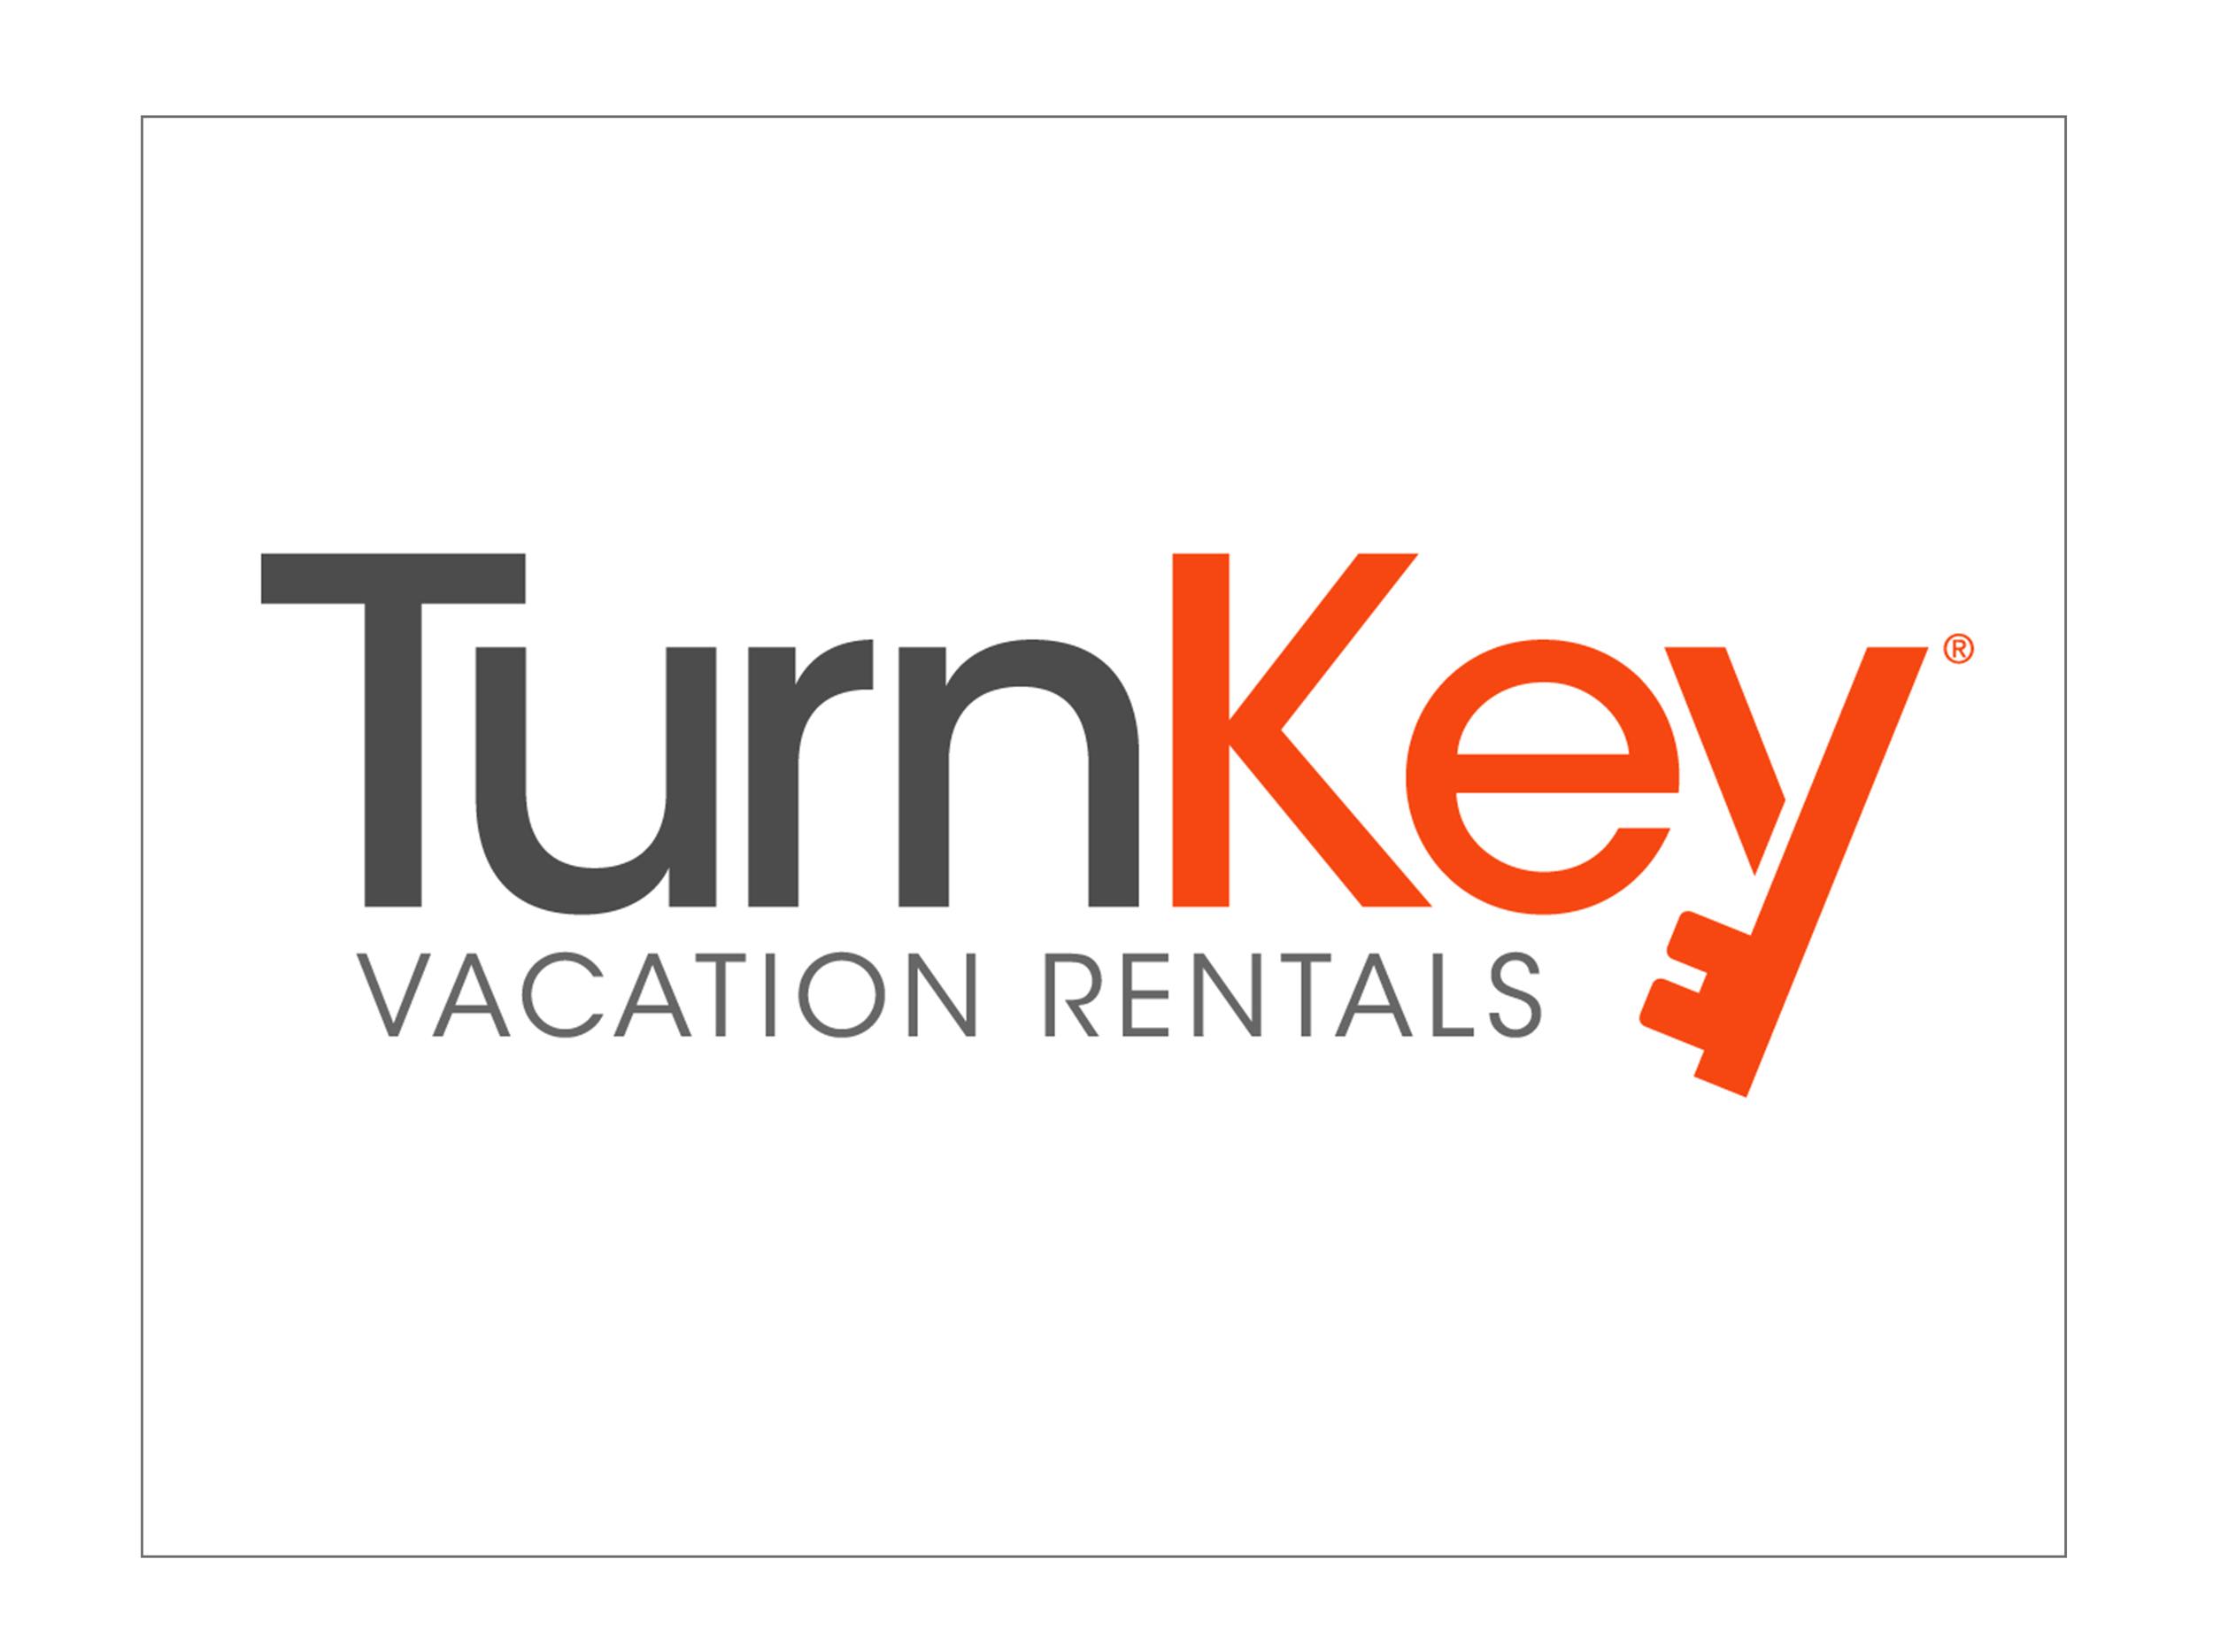 turnkey_khrg.jpg